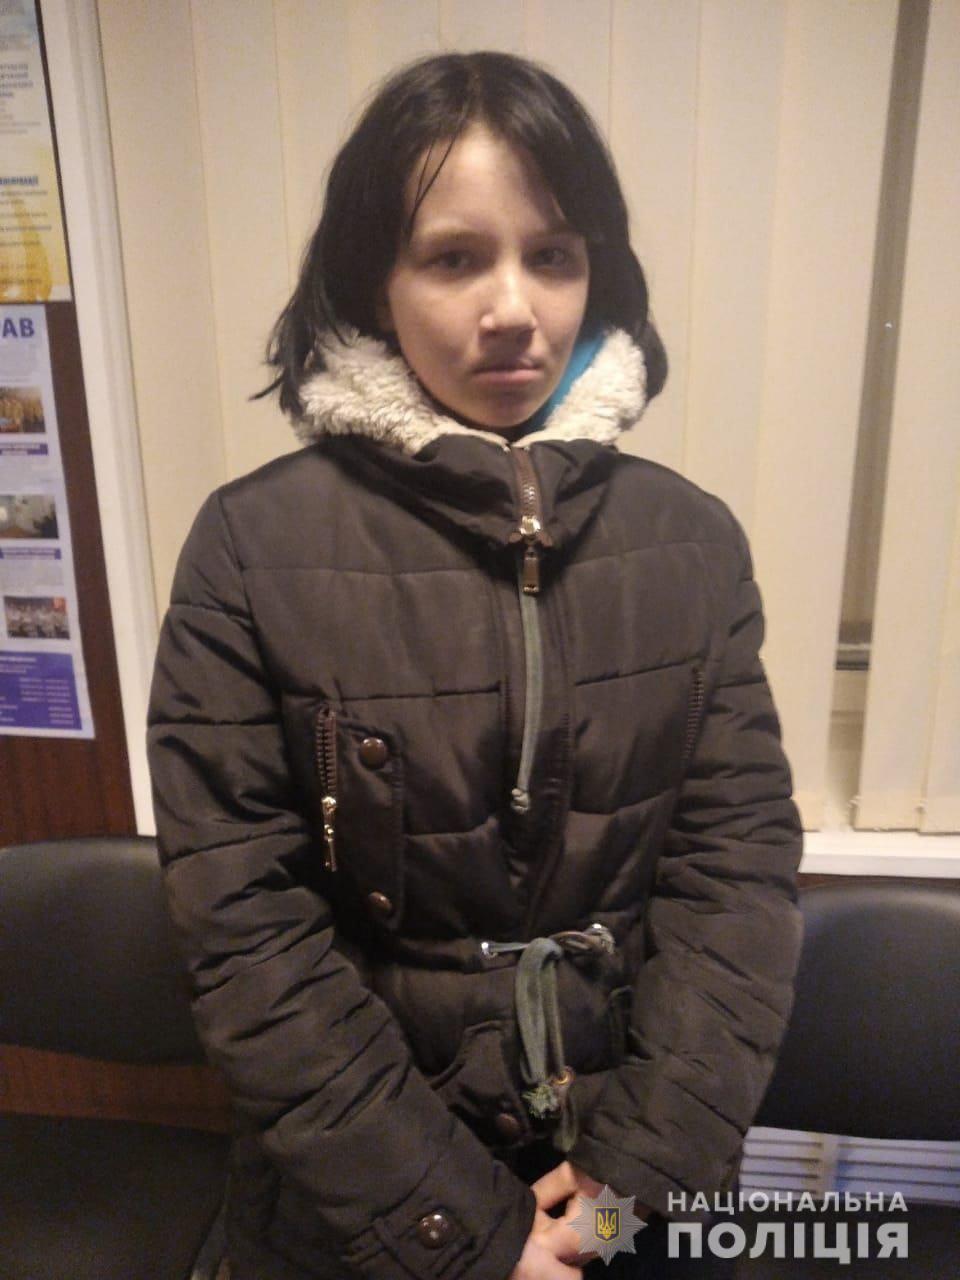 Полиция нашла пропавшую девочку | Прихист